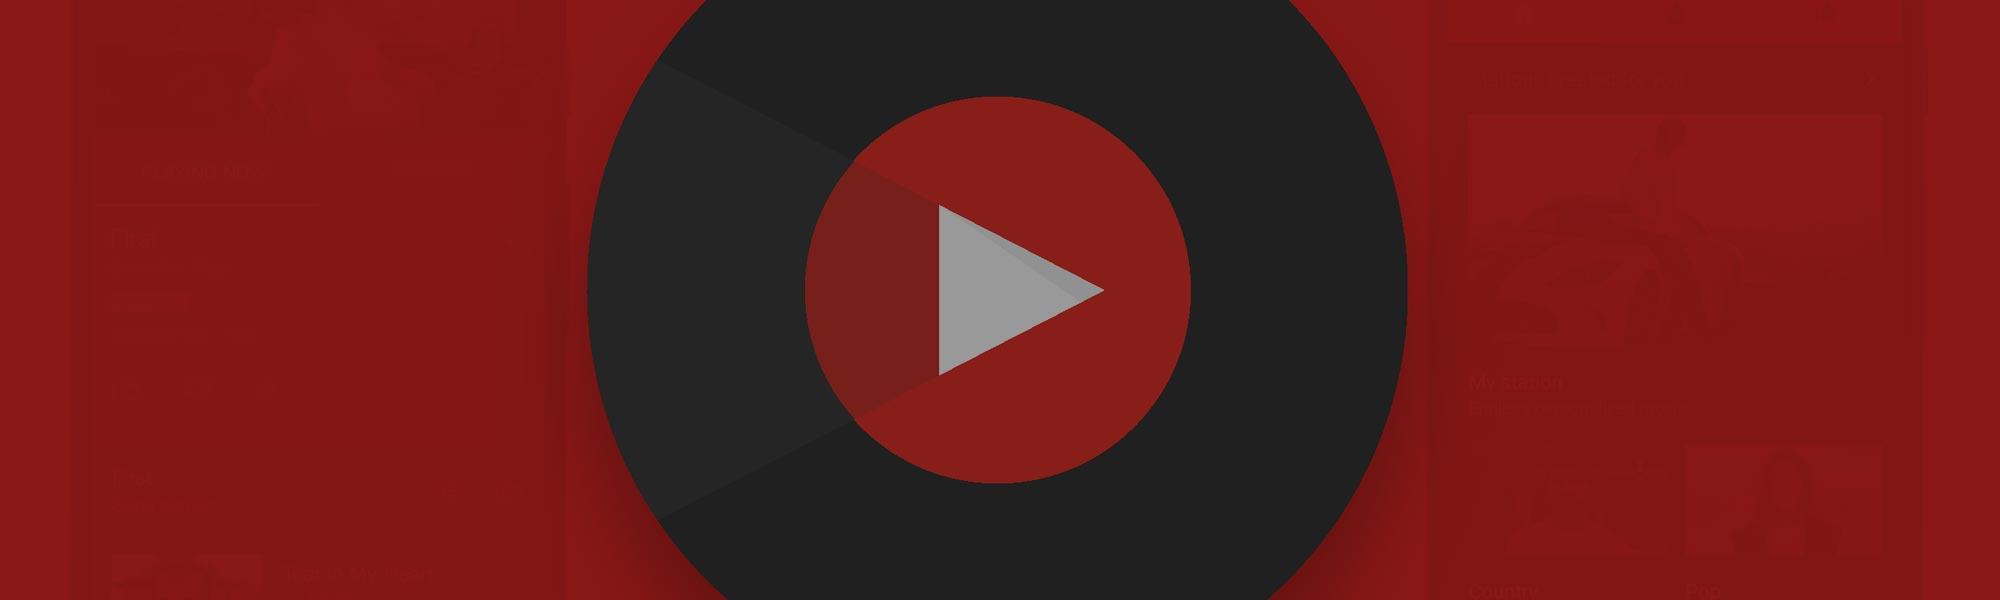 YouTube Optimisation Basics